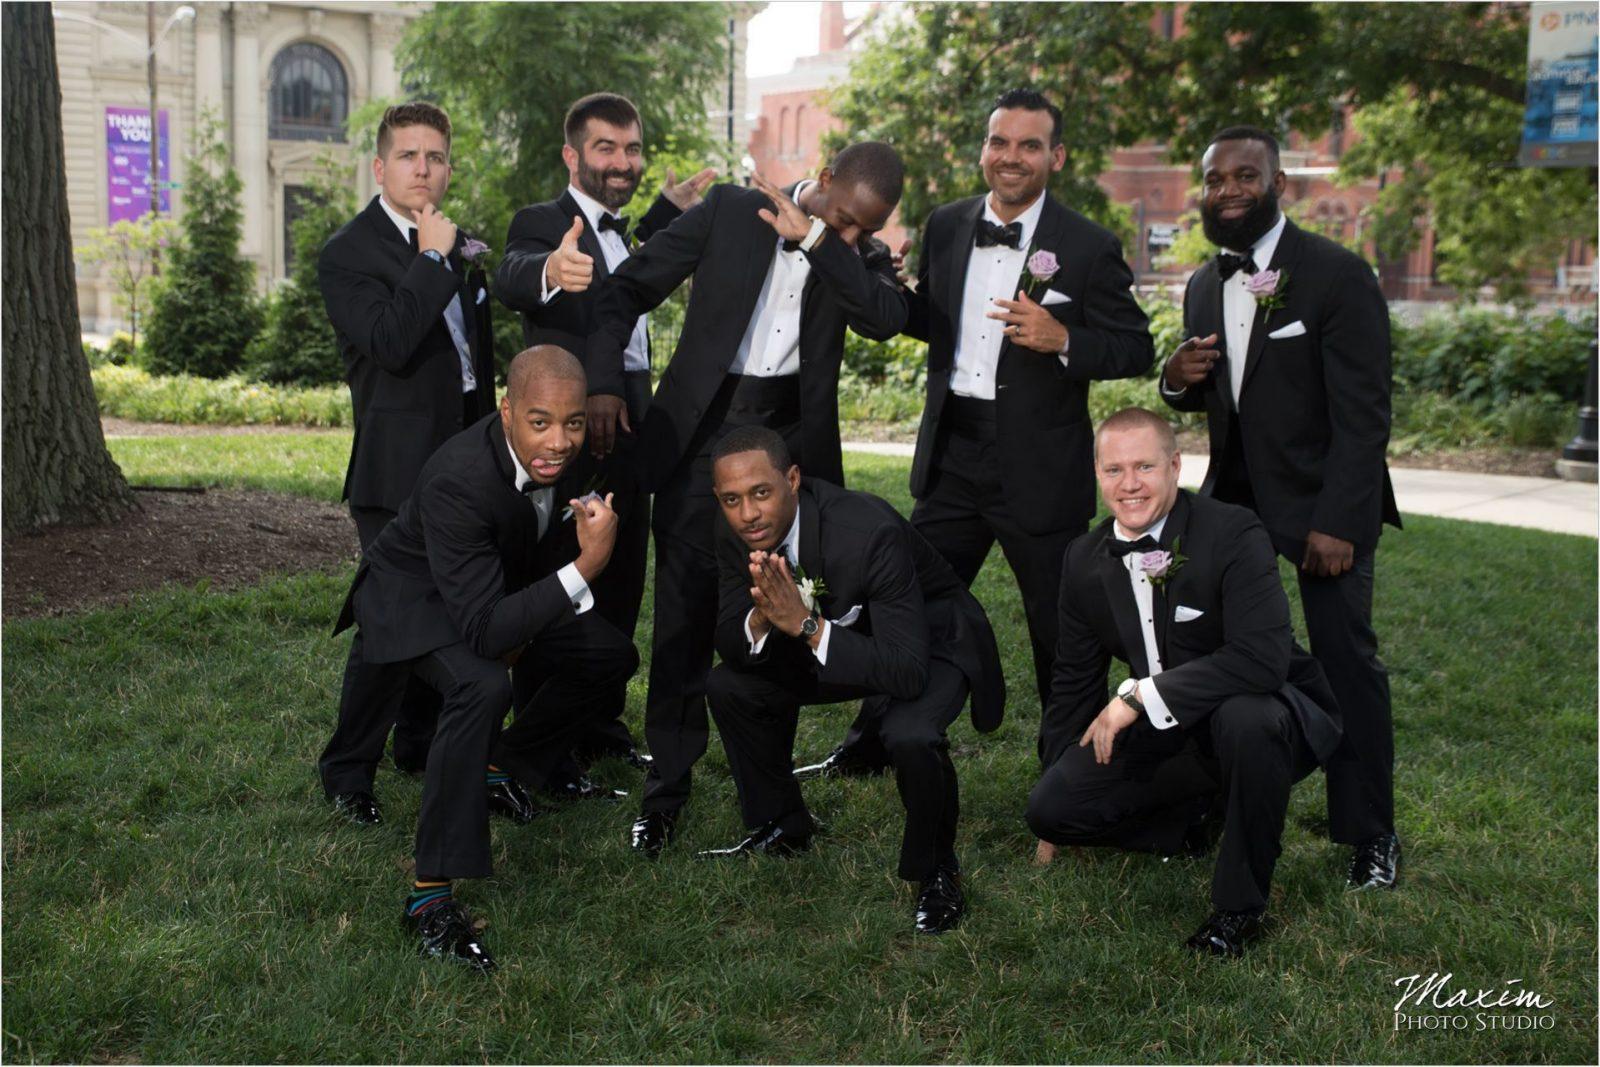 Washington Park Groomsmen Pictures tuxedo